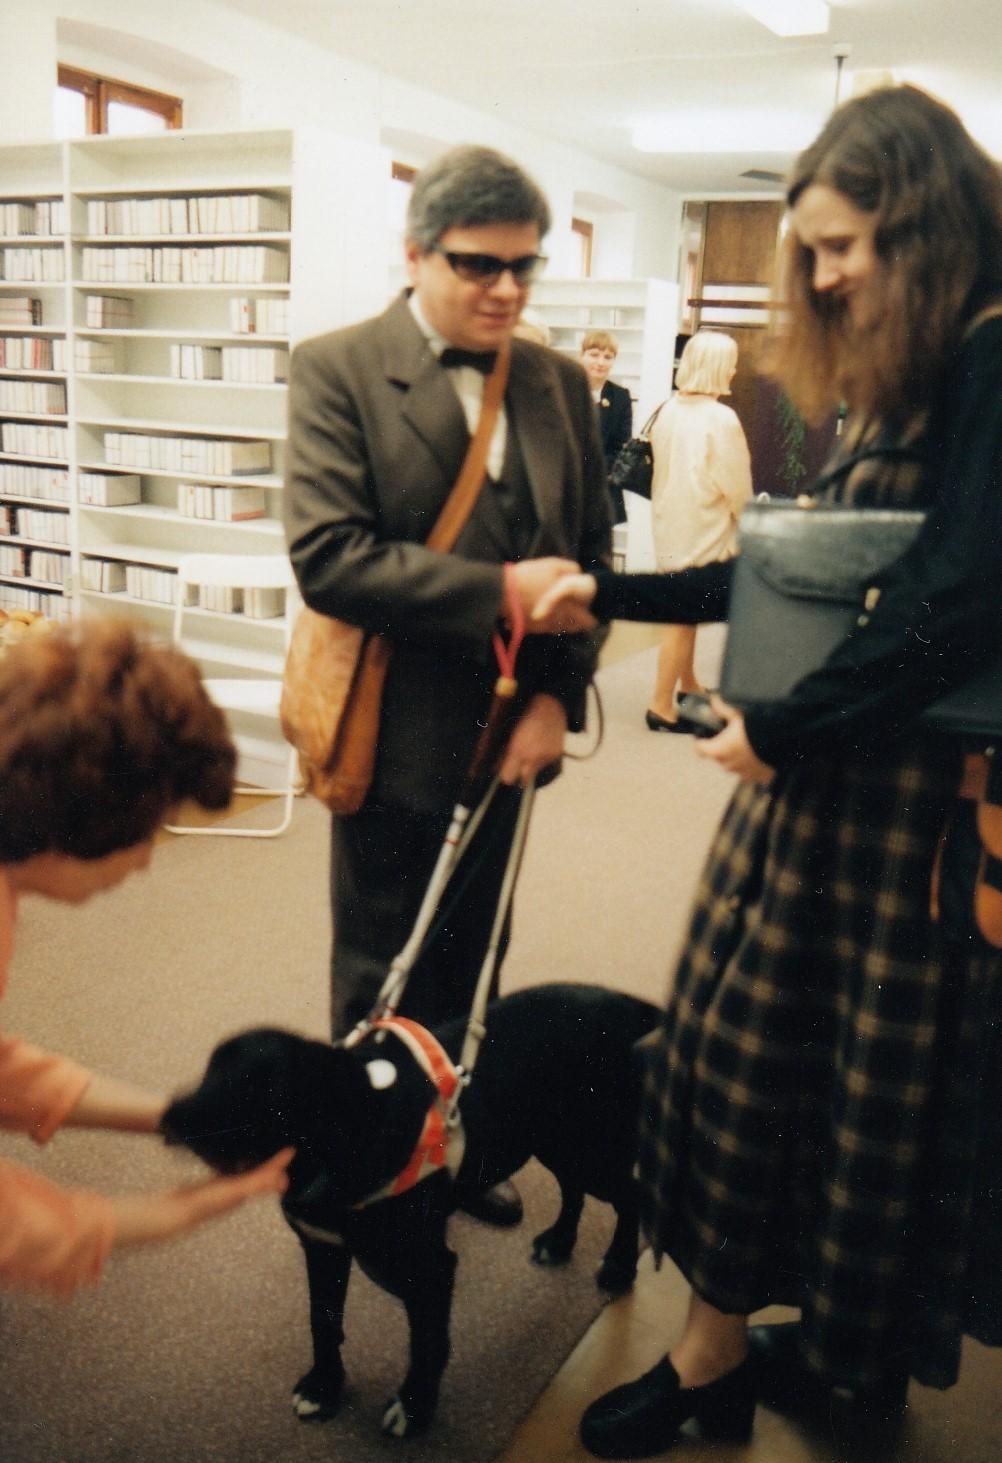 Na fotke zdeväťdesiatych rokov je muž stmavými okuliarmi, bielou paličkou avôdzkou svodiacim psom. Podáva si ruku sdlhovlasou ženou. Vpozadí sa nachádzajú ďalší ľudia aregály so zvukovými knihami.